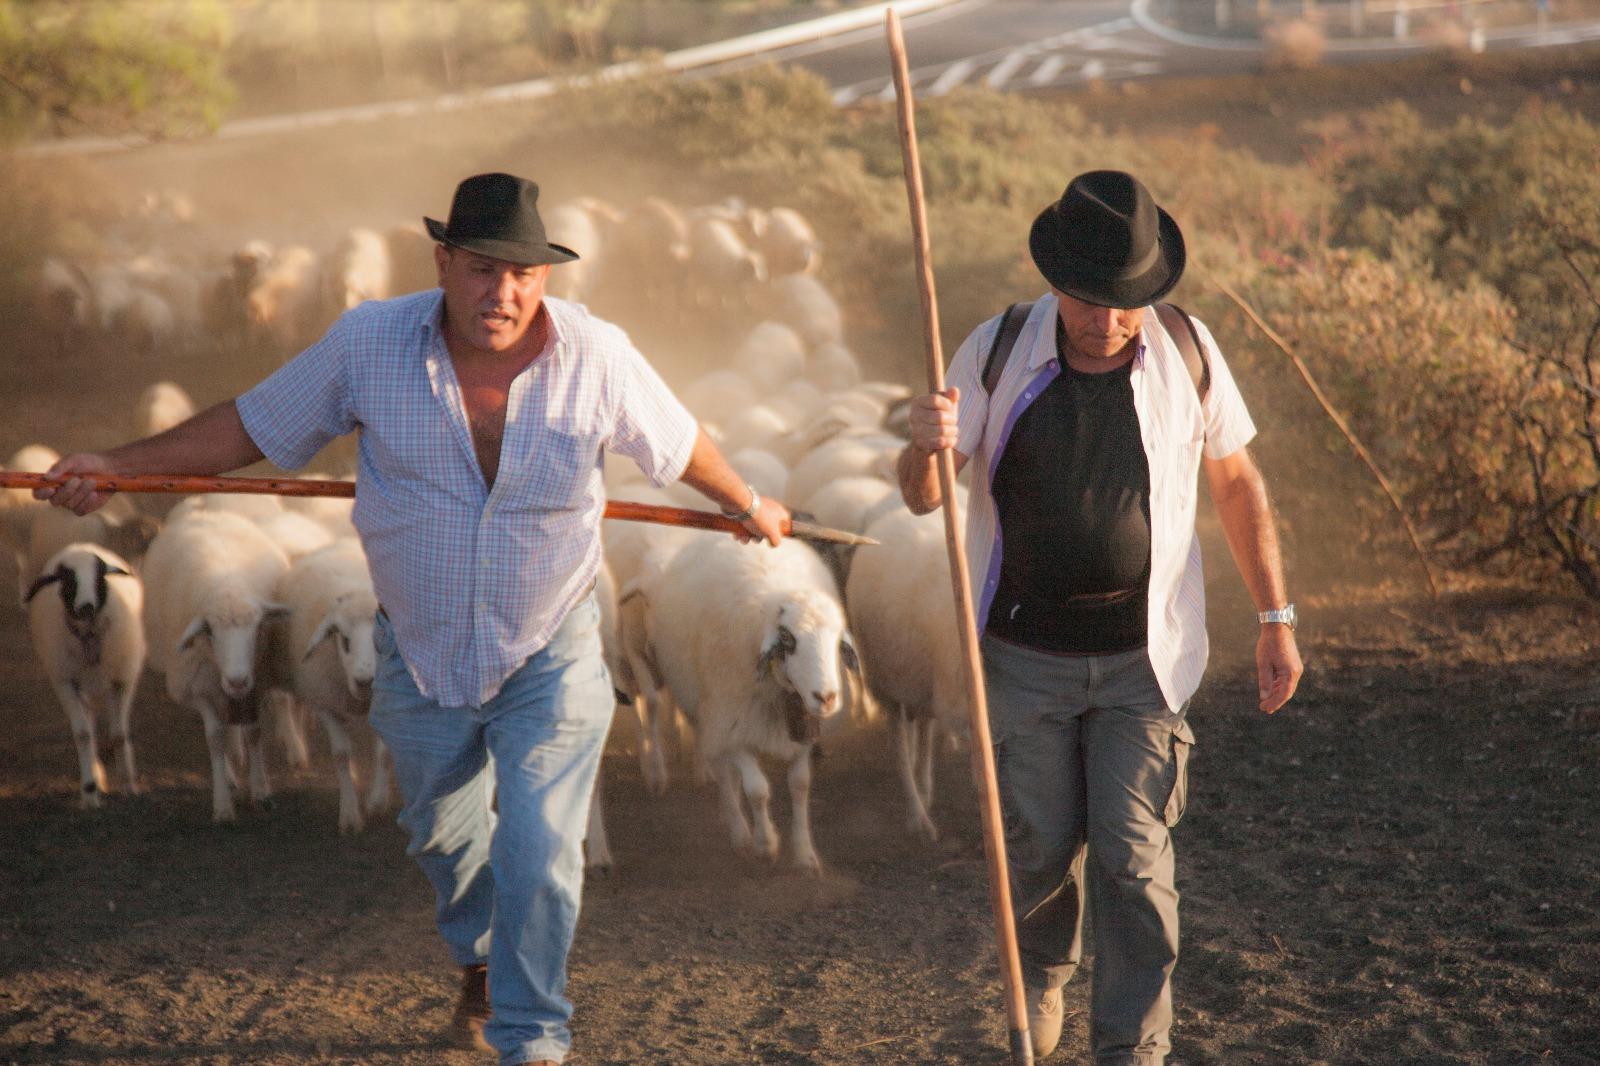 Durante la trashumancia, Cristóbal se hace acompañar de otros pastores y algunos amigos. Foto: Isidoro Jiménez (cedida).